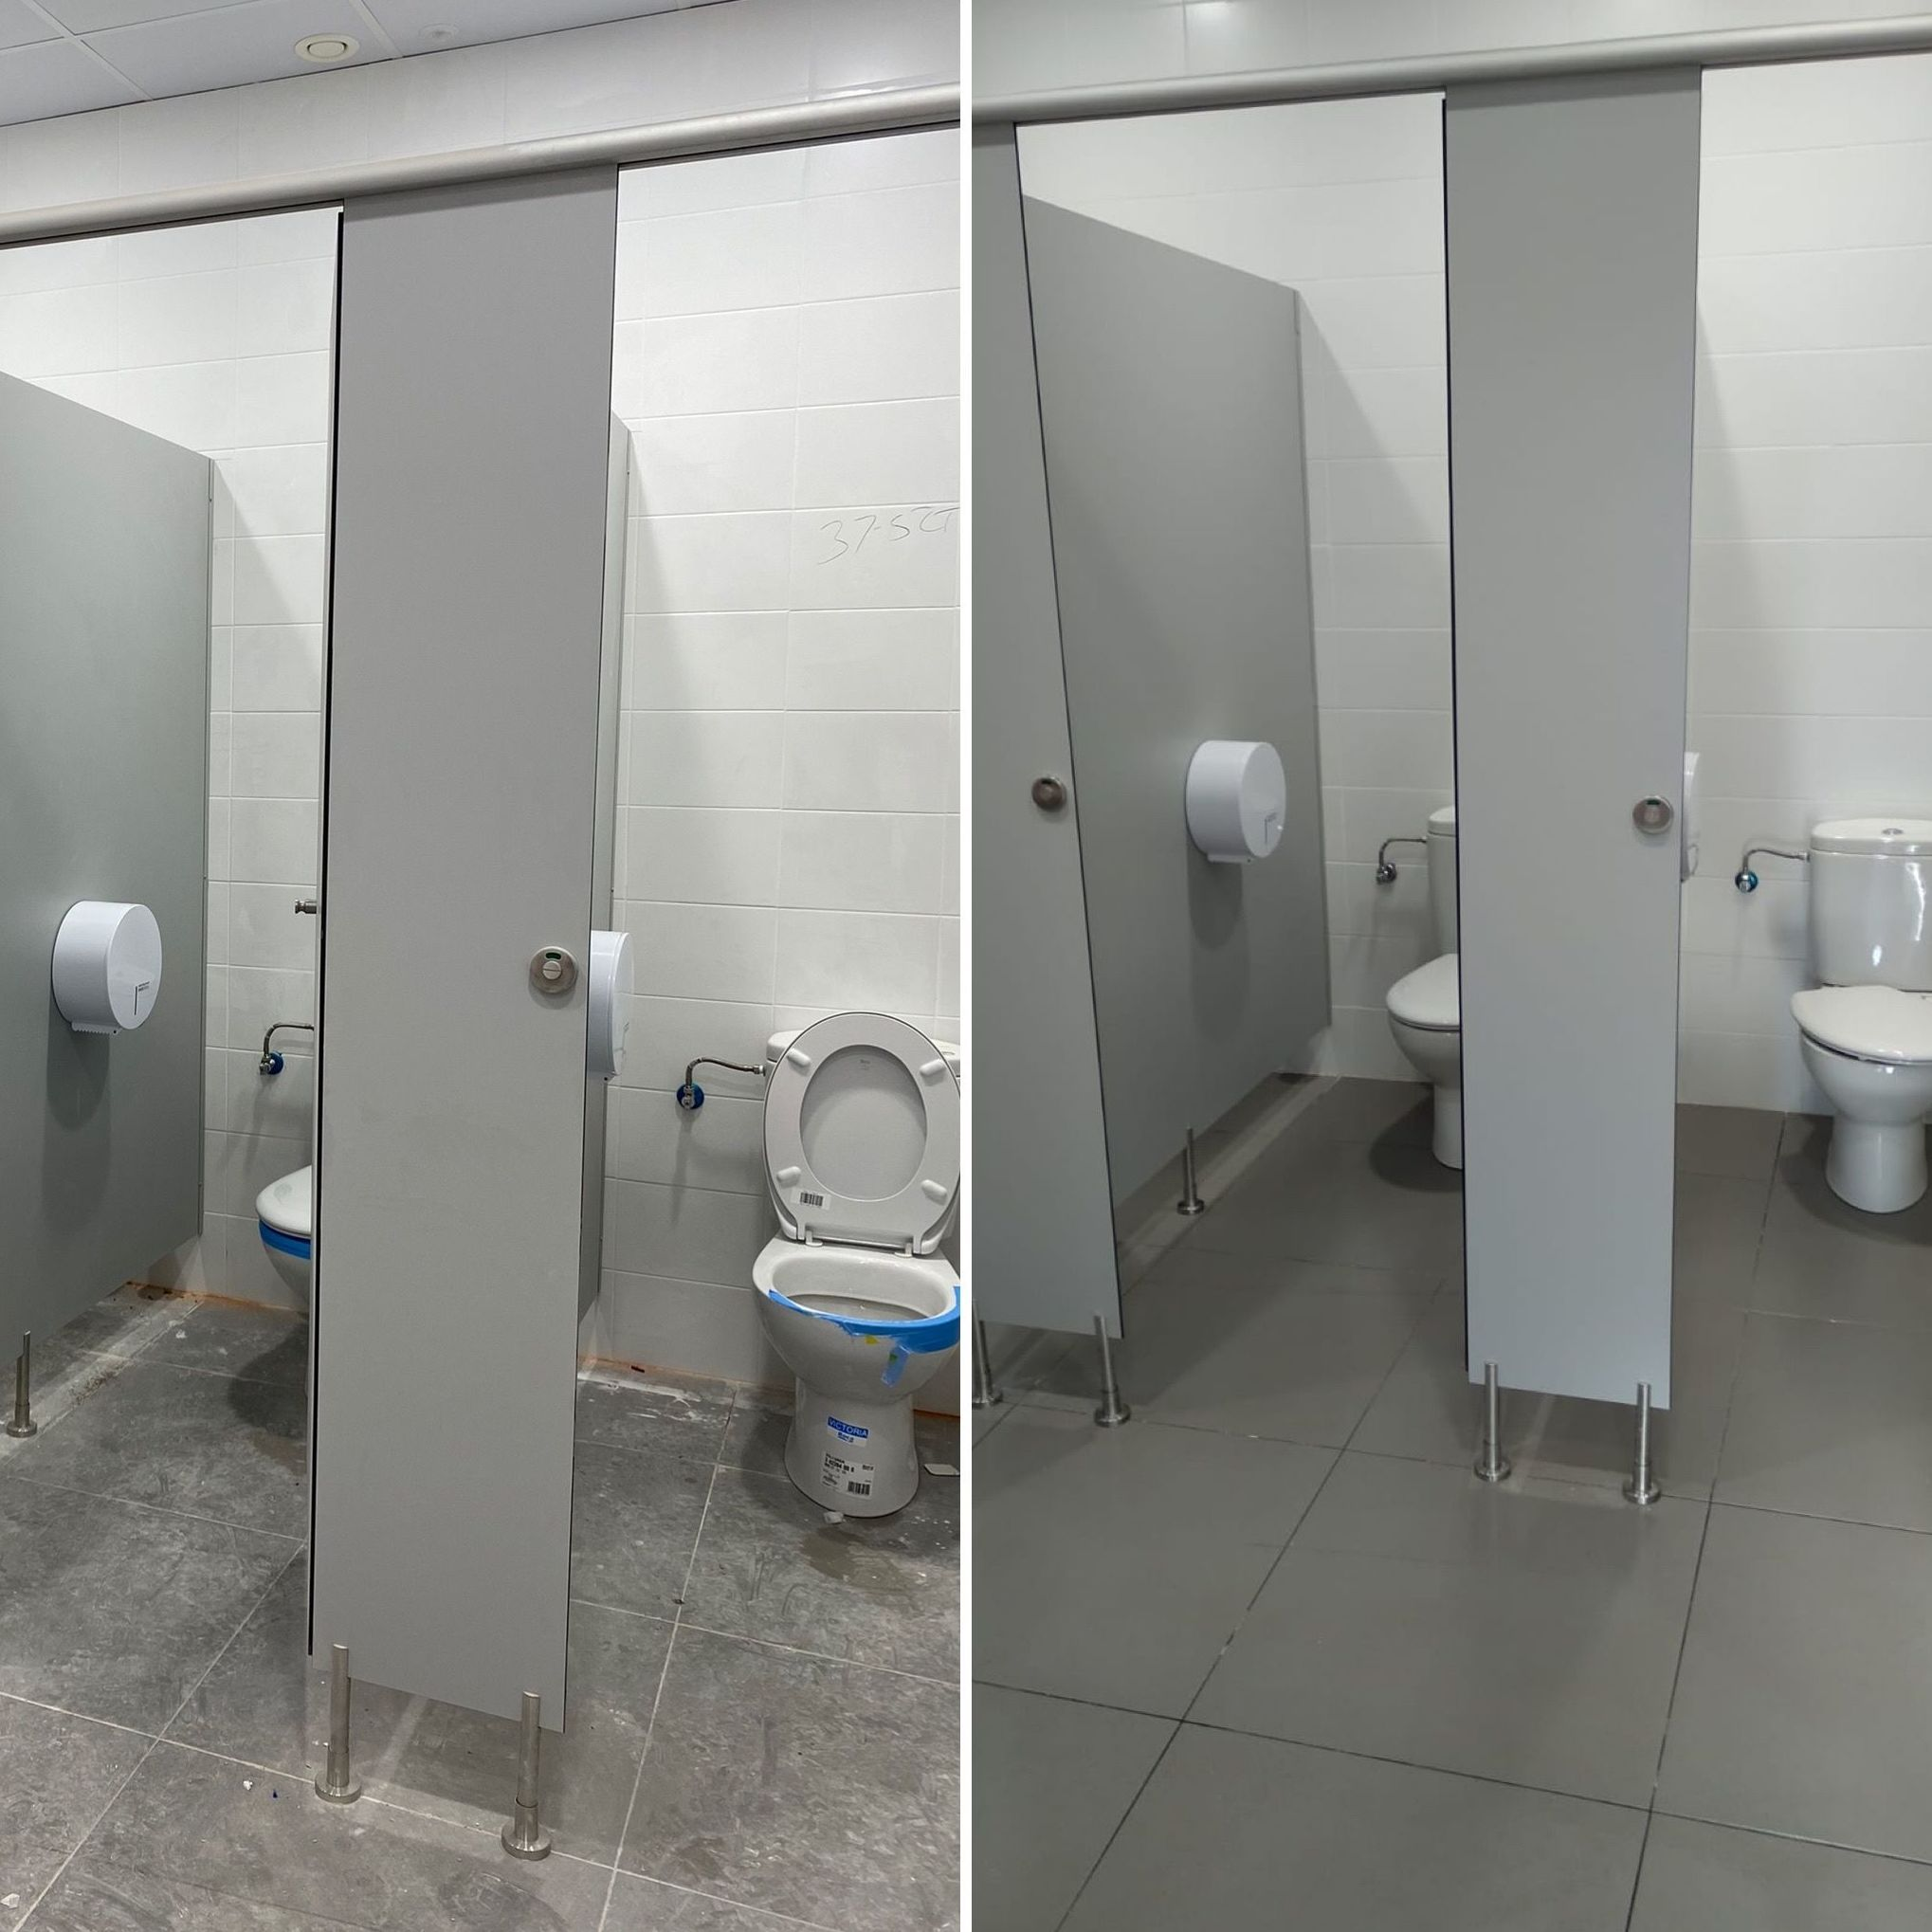 Limpieza de obra nueva baños (antes y después)